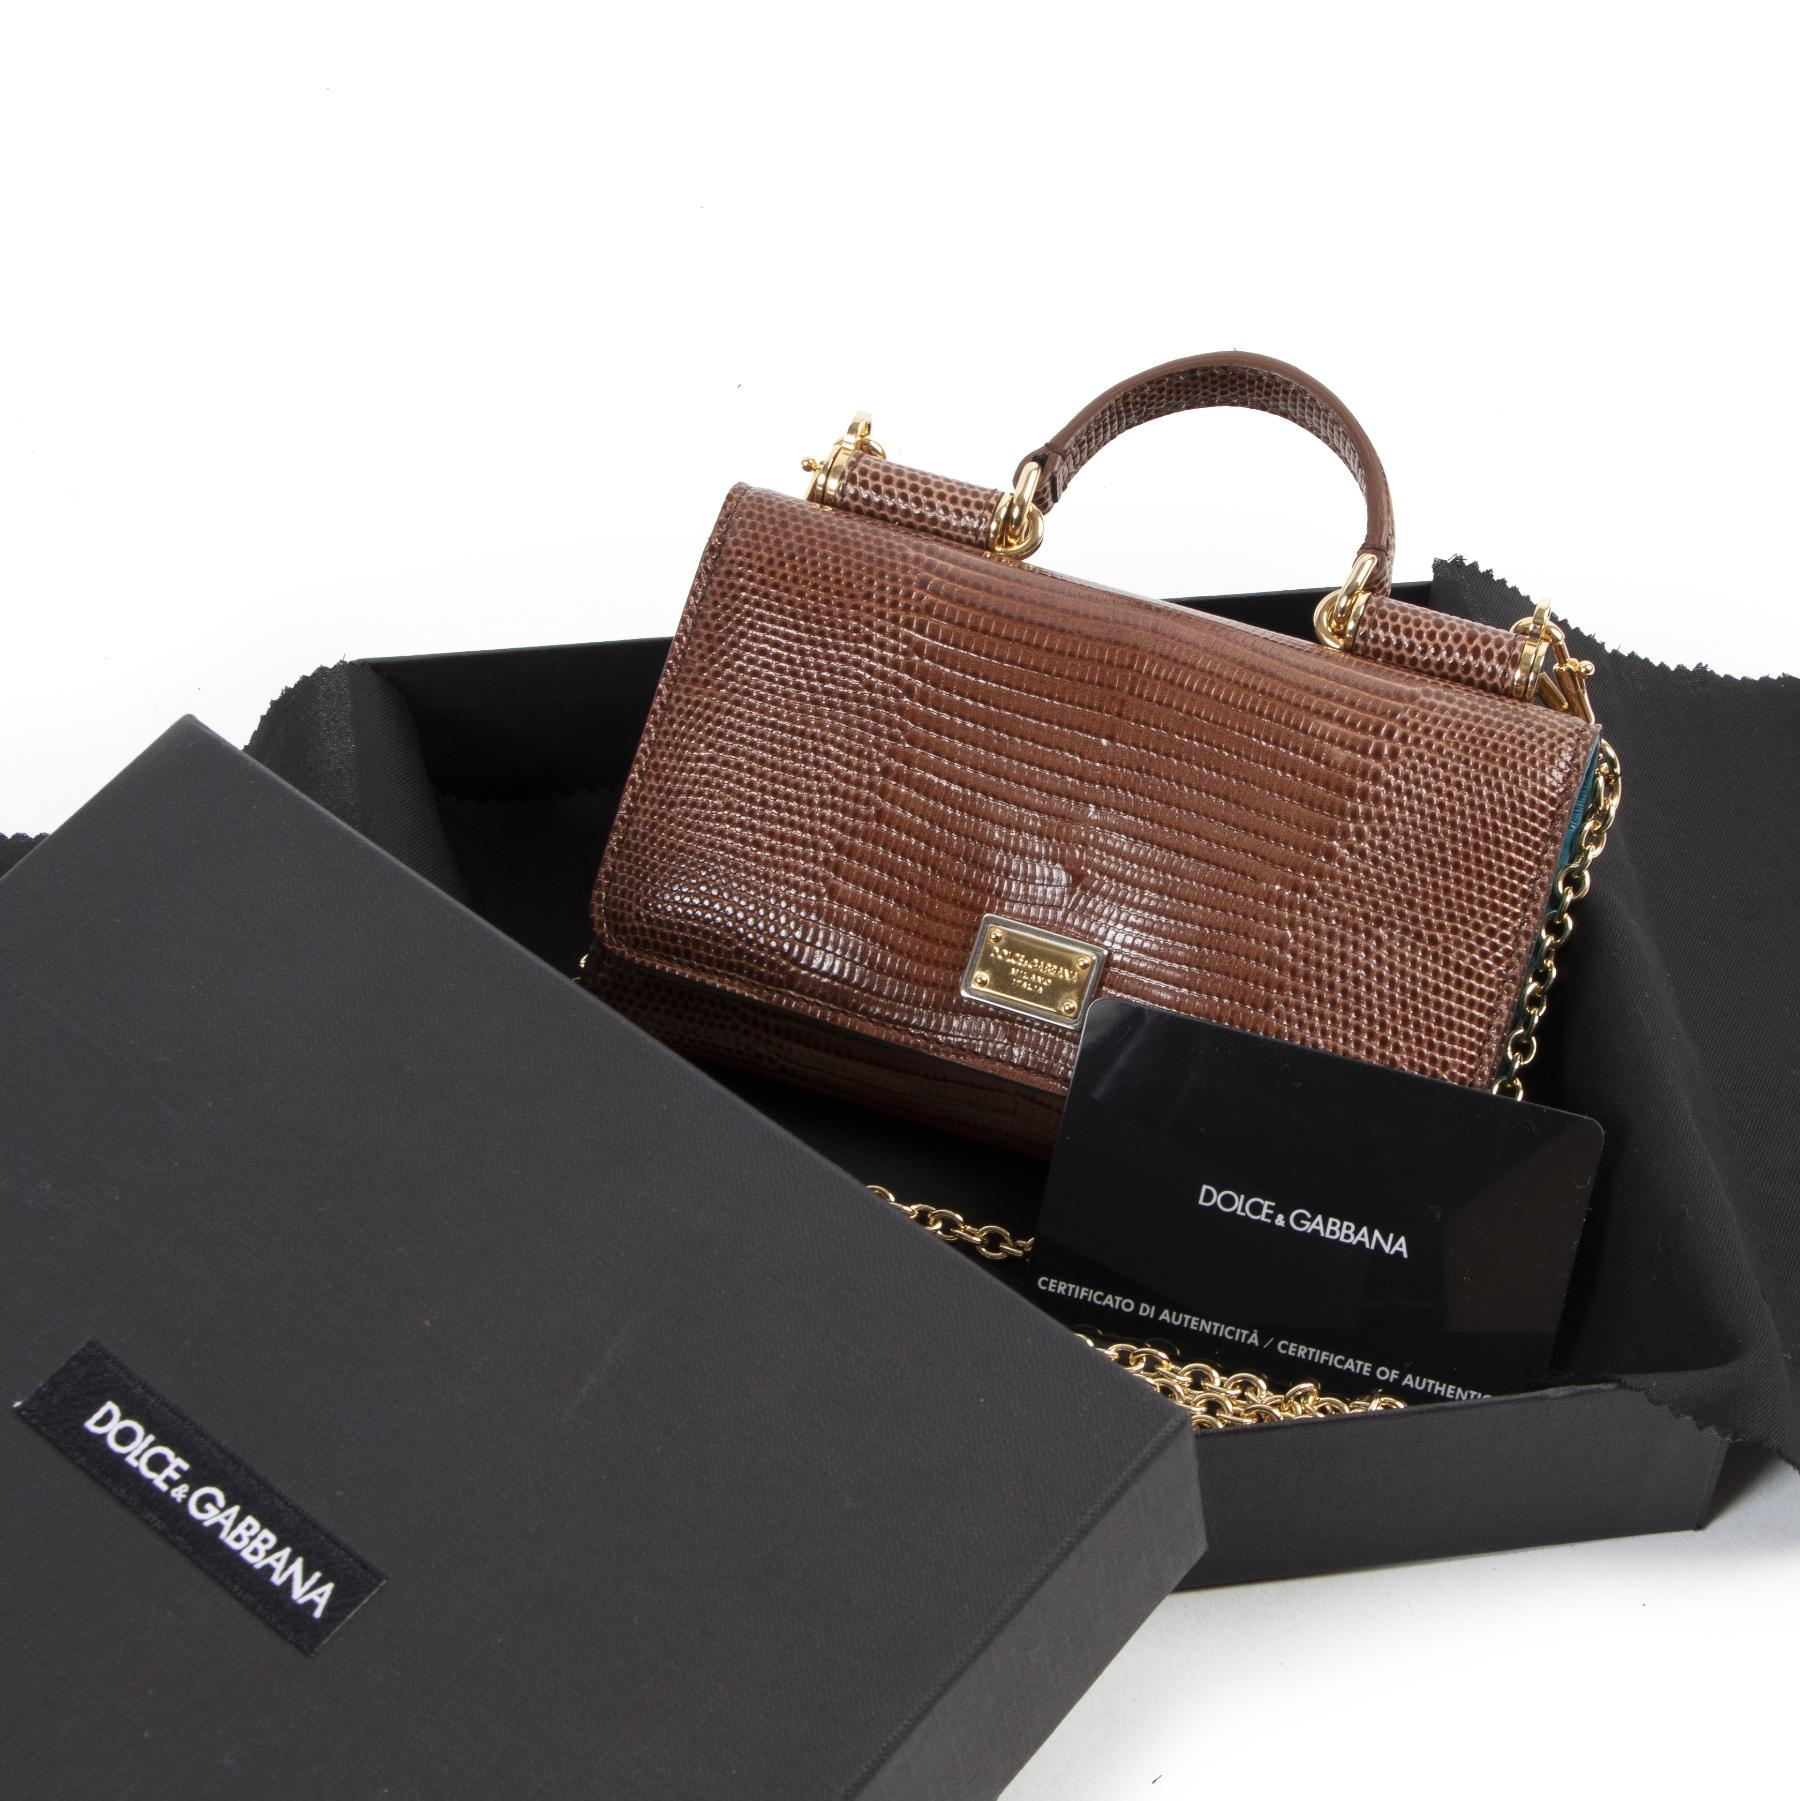 Authentieke Tweedehands Dolce & Gabbana Brown Alligator Sicily Phone Case Bag juiste prijs veilig online shoppen luxe merken webshop winkelen Antwerpen België mode fashion